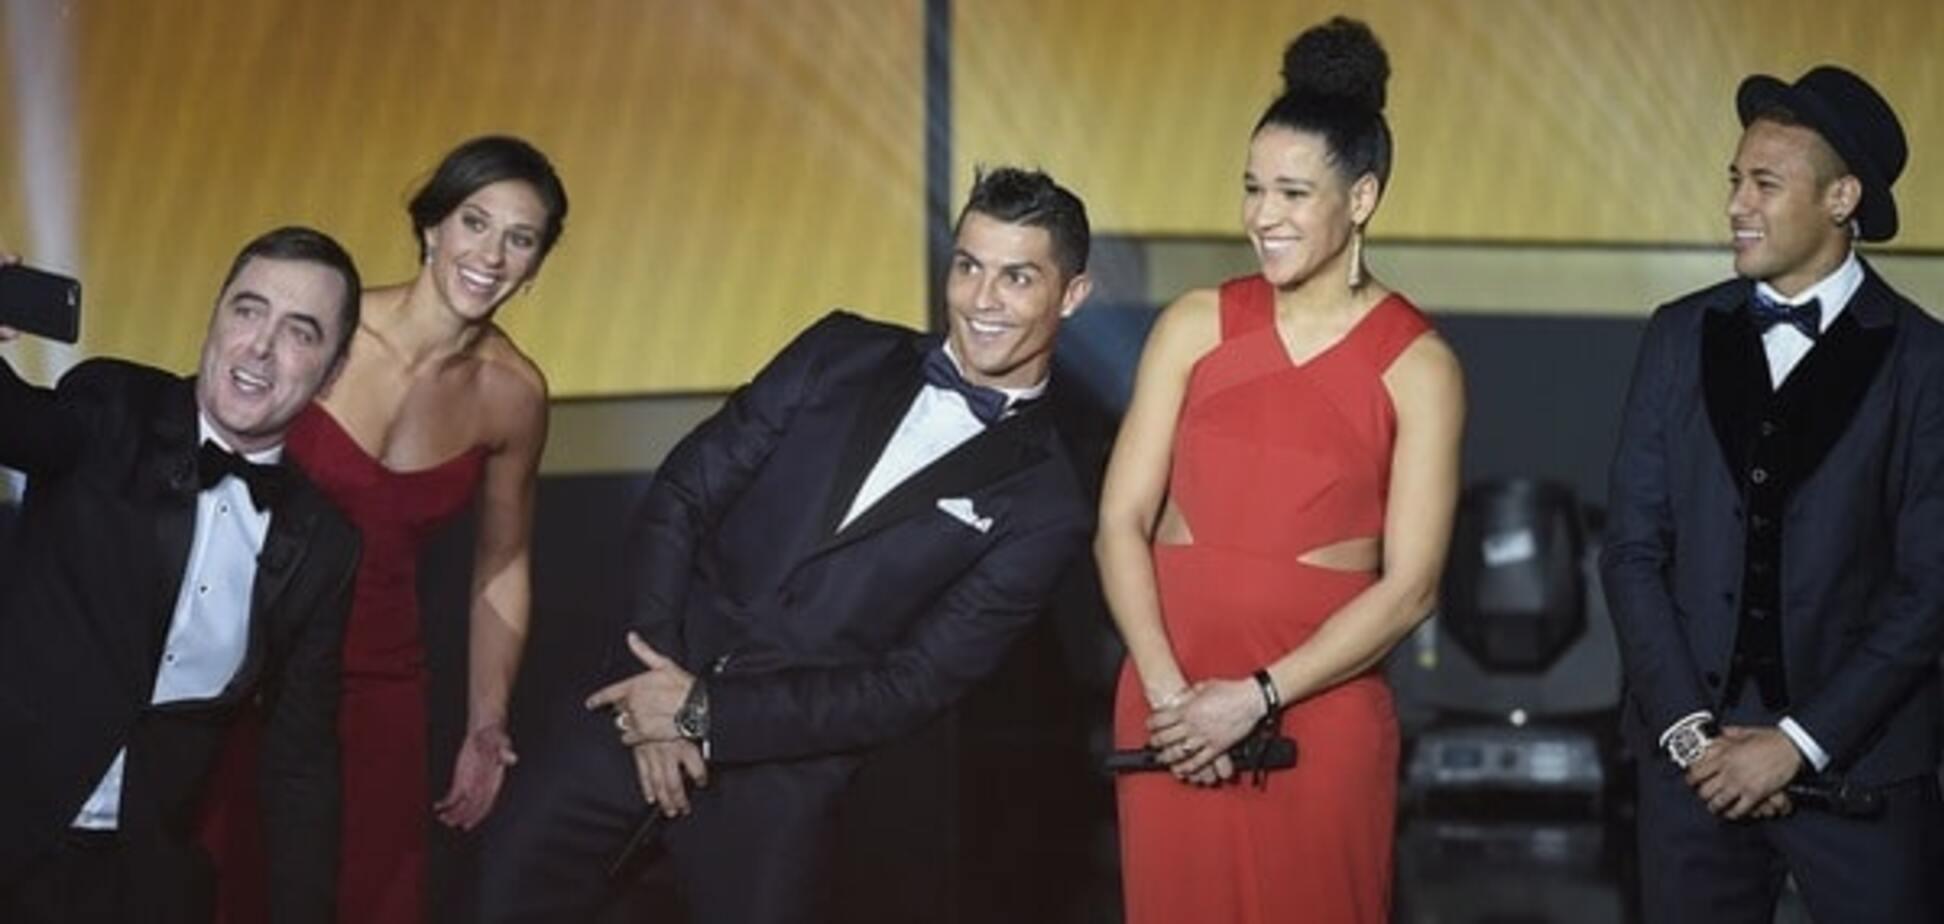 Роналду устроил бойкот звезде 'Барселоны' на церемонии вручения 'Золотого мяча'